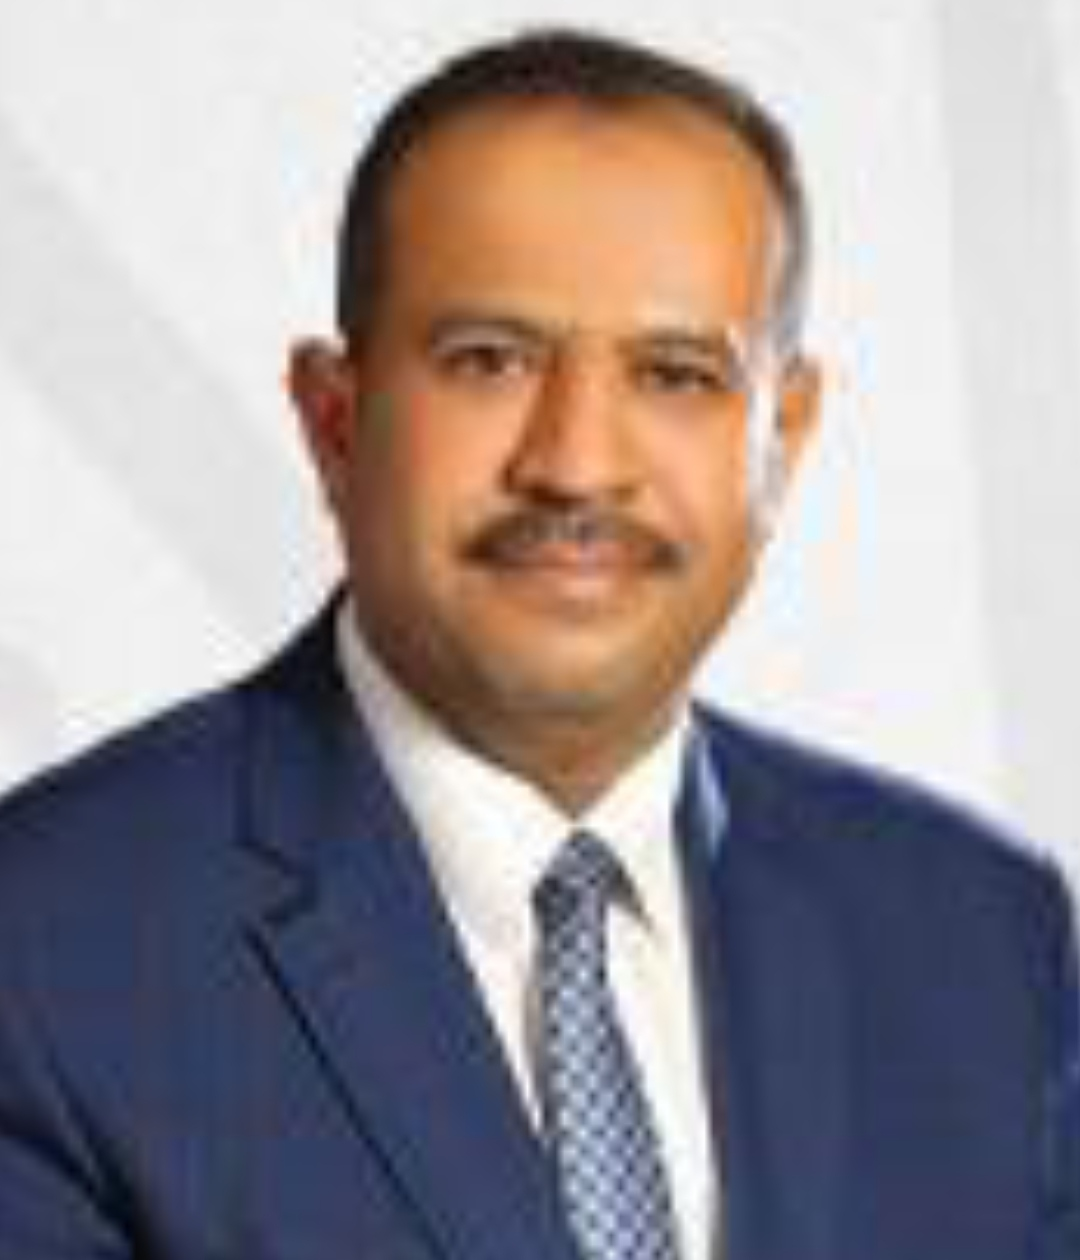 خطاب اللغة العربية في تفاعلات البرامج الانتخابية 2020